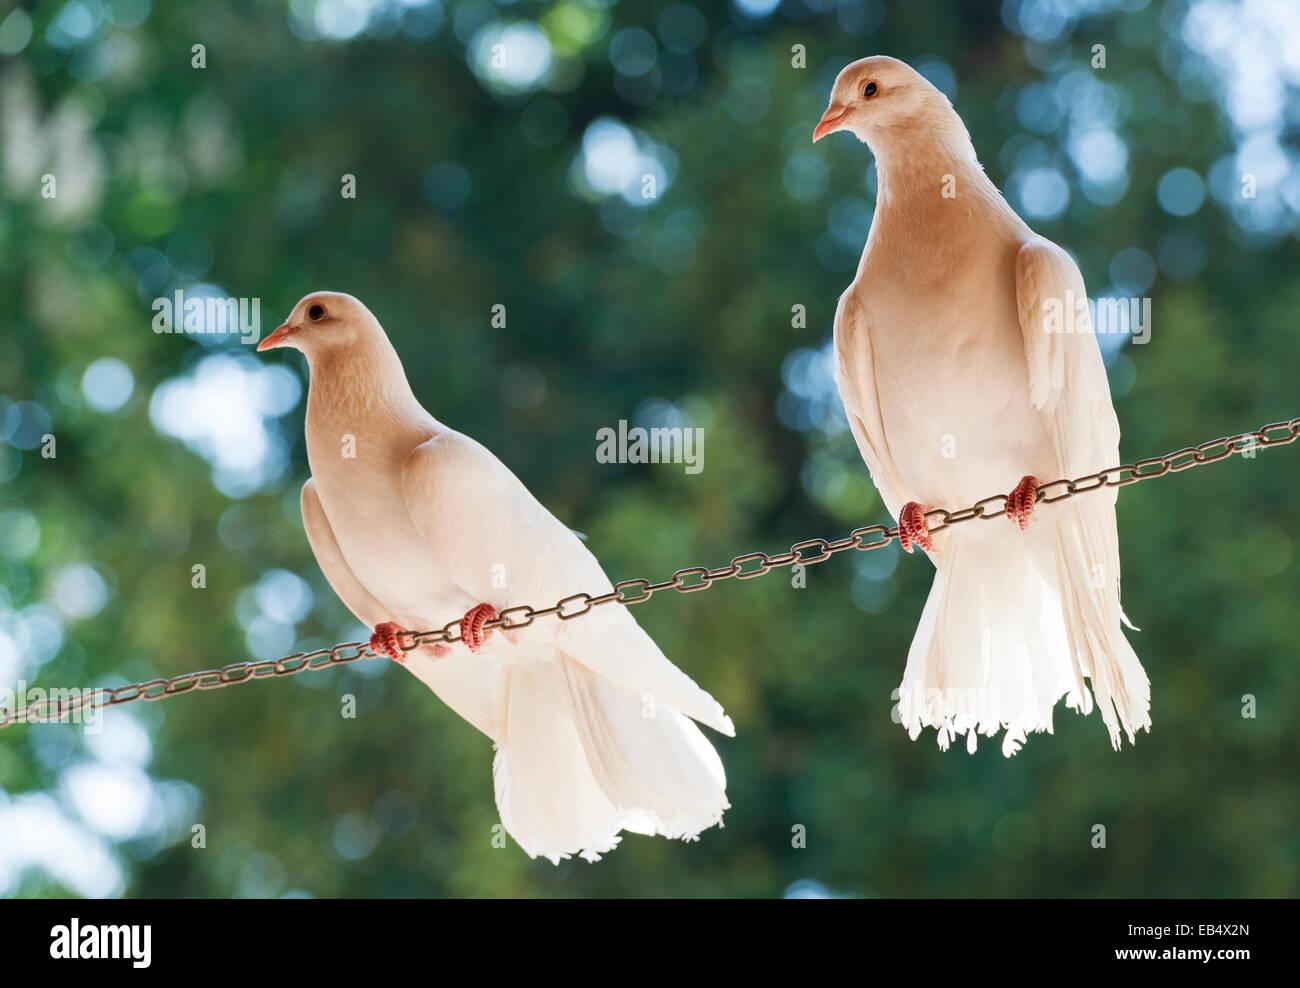 L'Italia. Due colombe bianche si appollaia su una lunghezza di catena, visto da sotto Immagini Stock